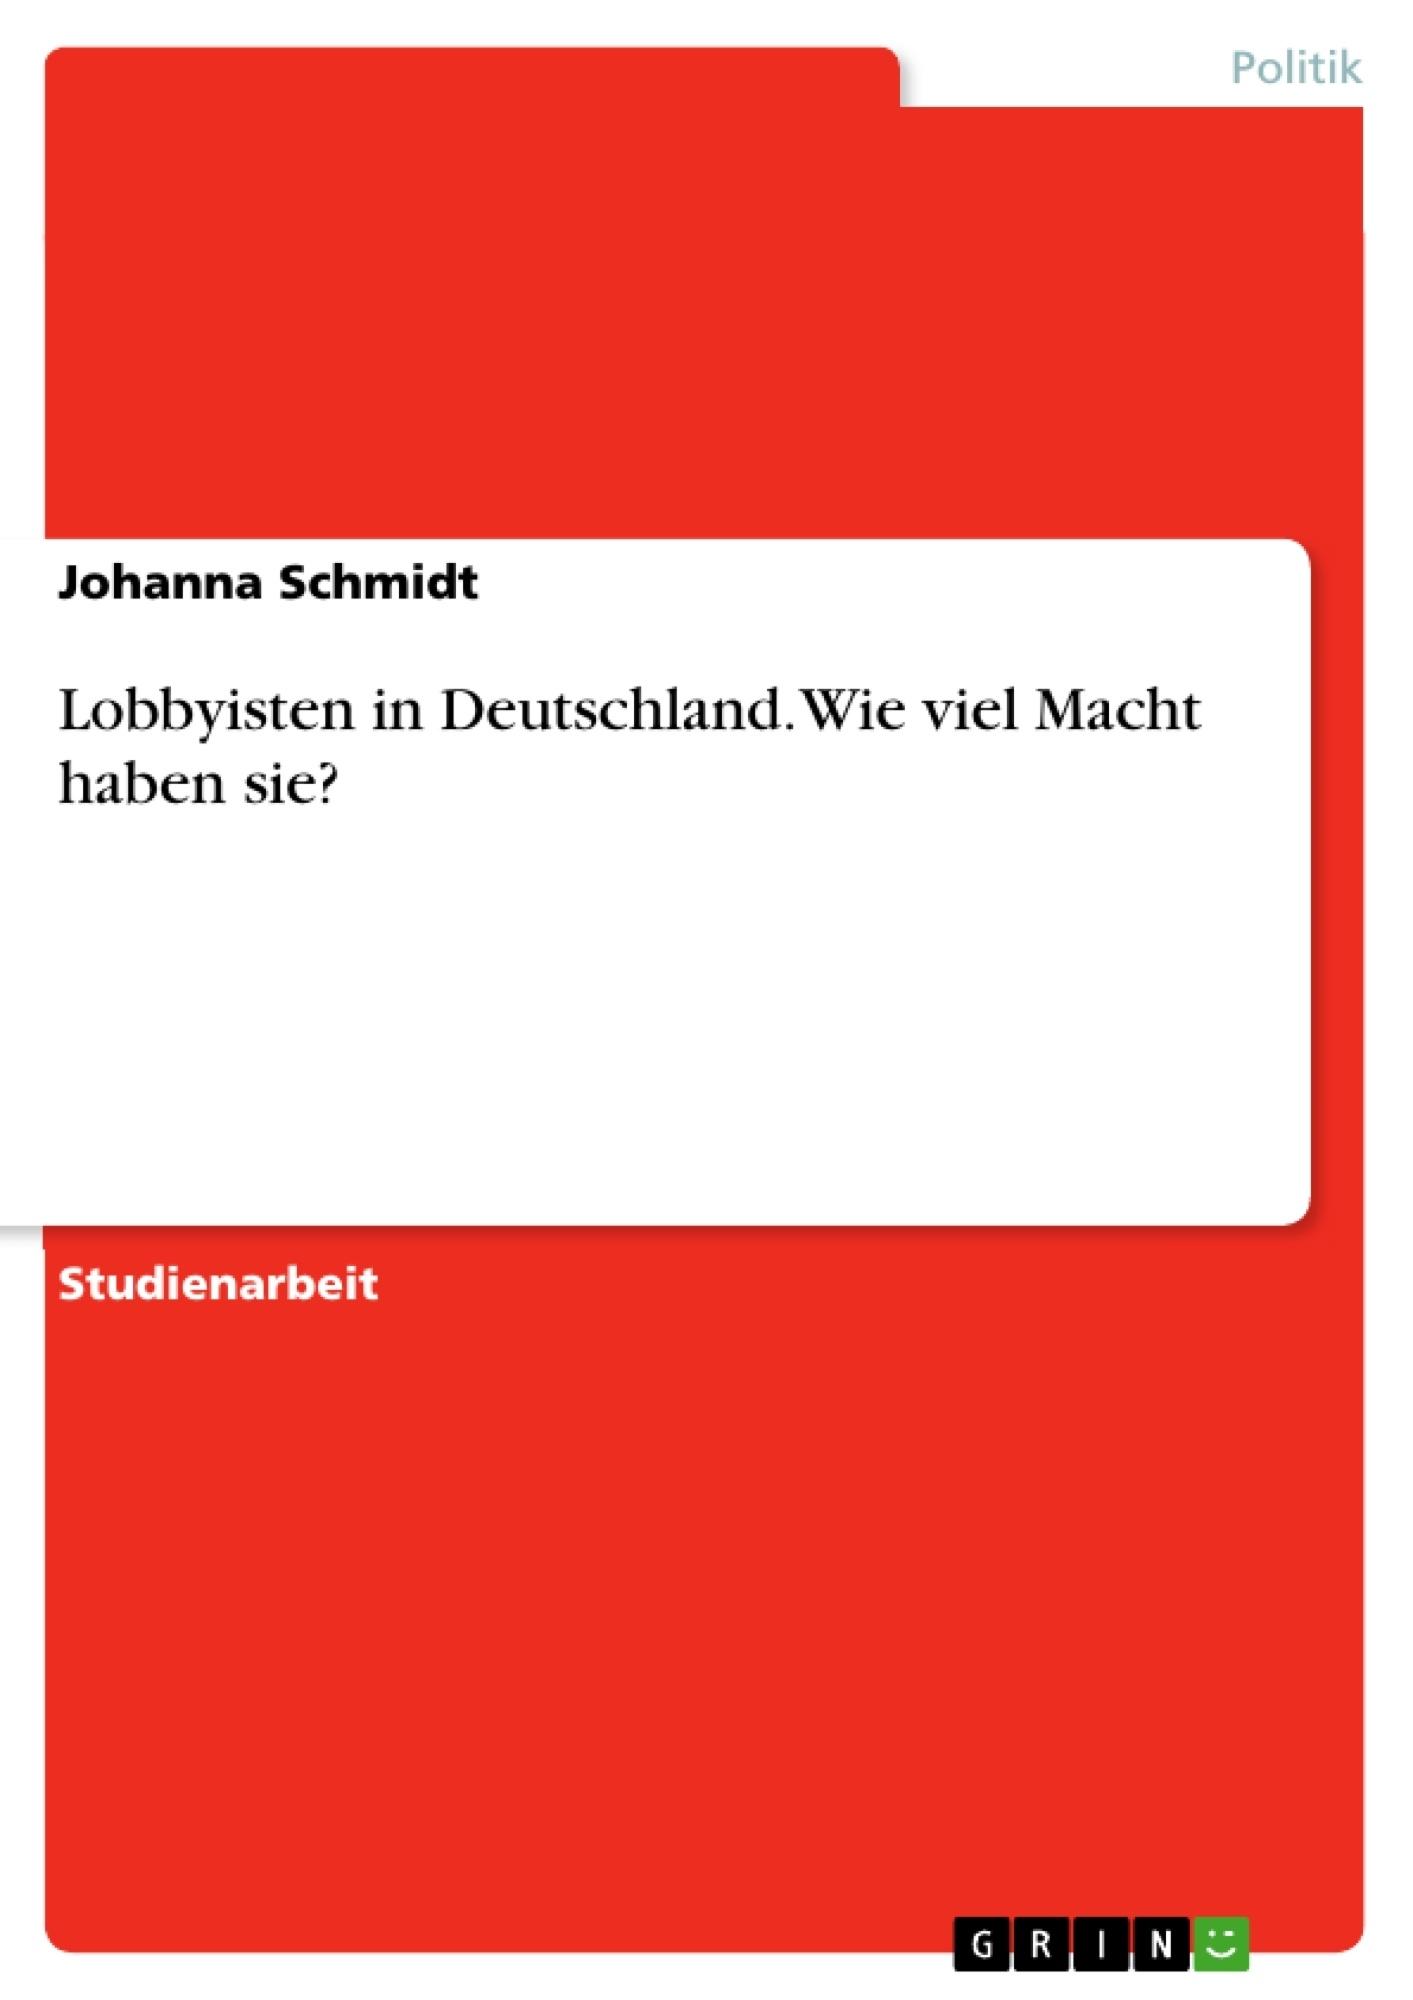 Titel: Lobbyisten in Deutschland. Wie viel Macht haben sie?